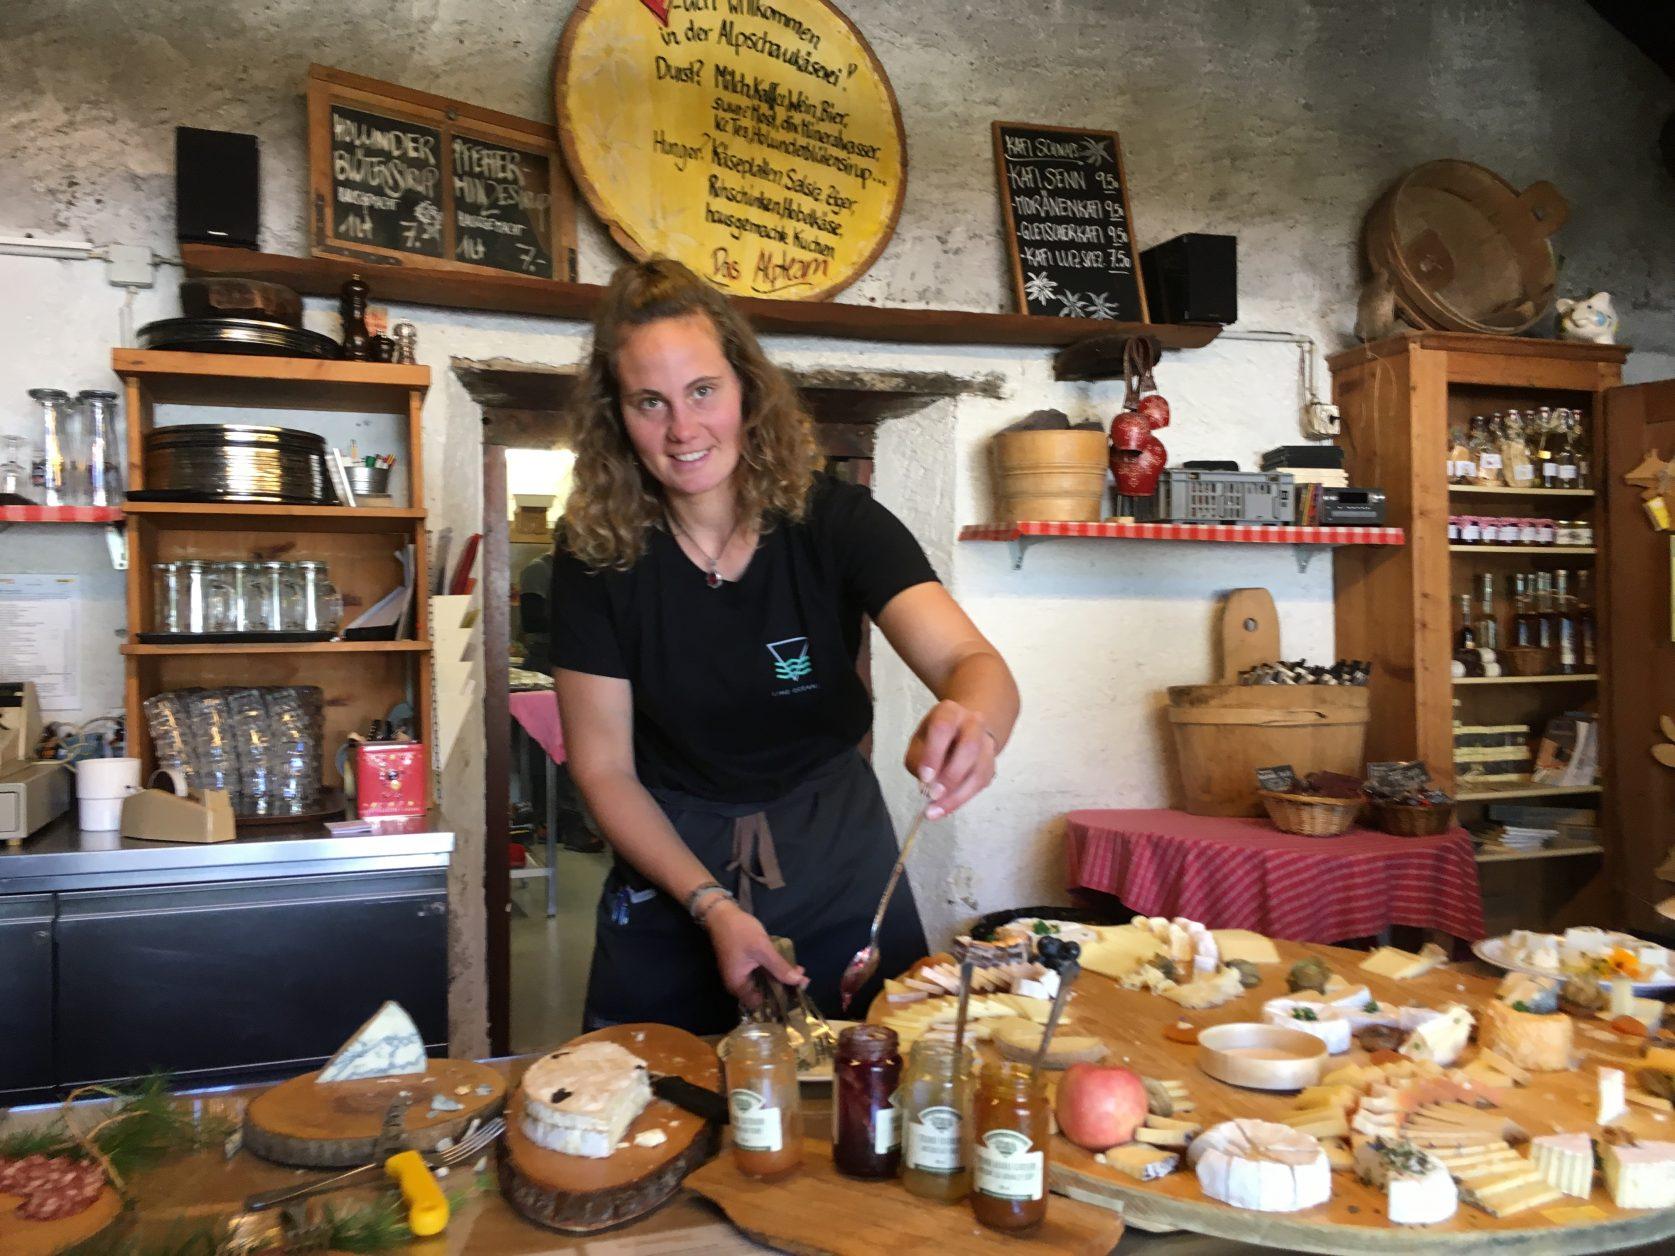 Verführerisch ist die Auswahl an Käse in dr Schaukäserei, Foto: Weirauch